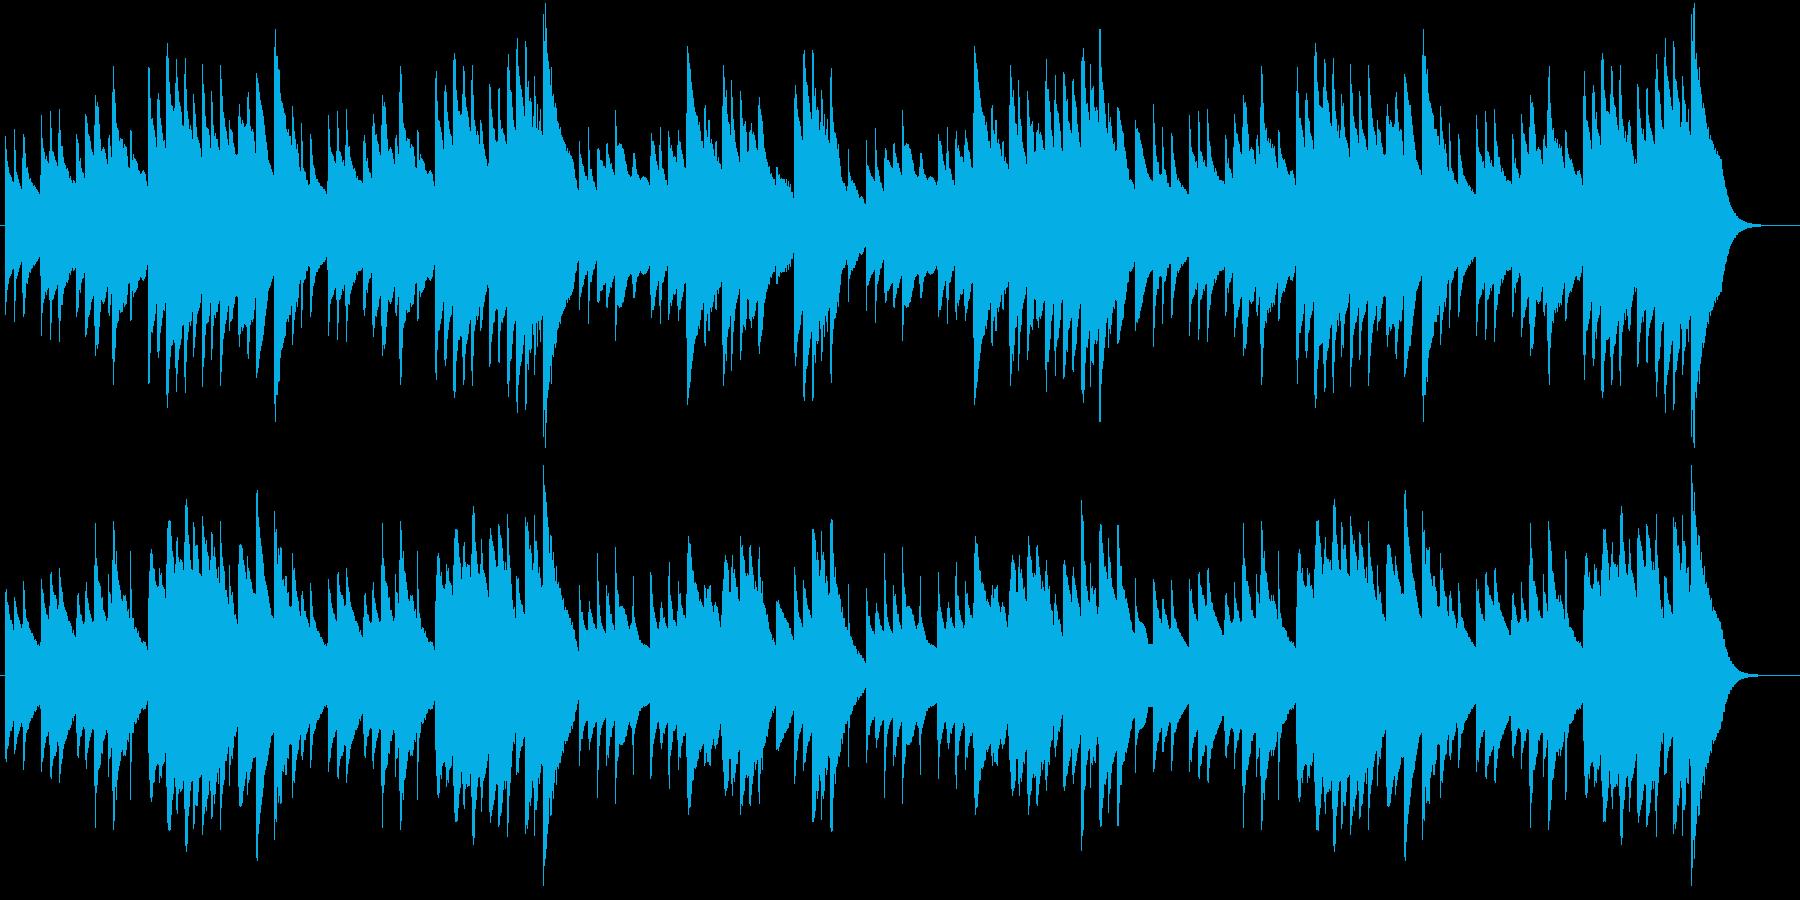 ジングルベルのオルゴールバージョンの再生済みの波形